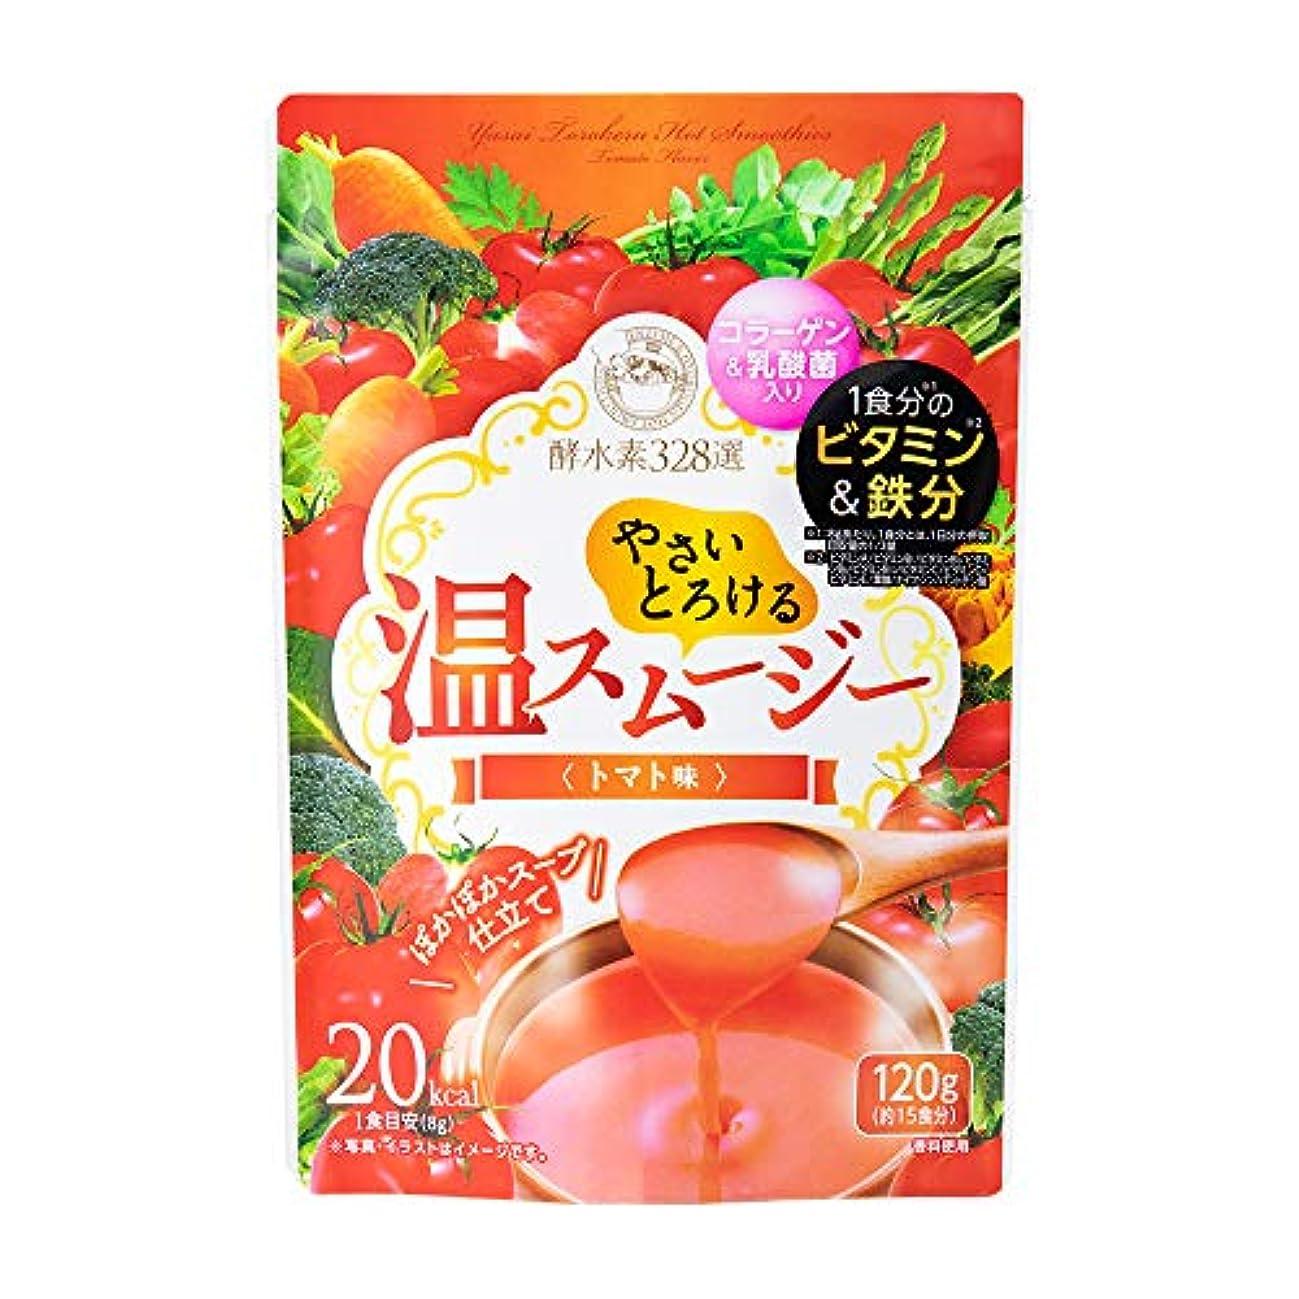 間欠一時解雇するチャネル【公式】酵水素328選 やさいとろける温スムージー (トマト味)